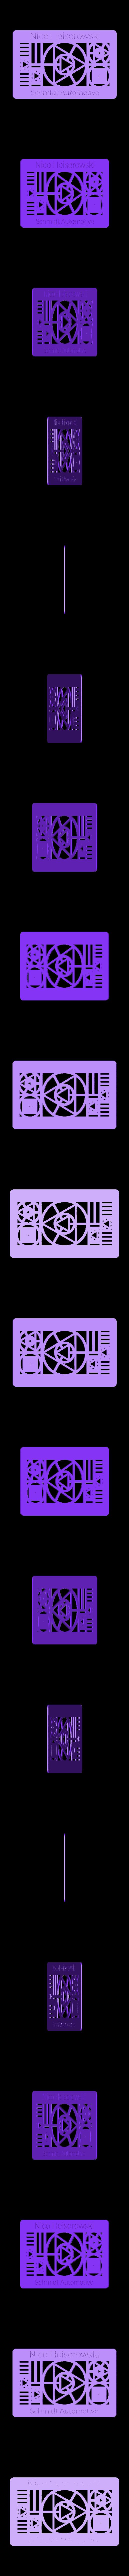 thingiverse_businesscard_20190610-50-1t2uwsr.stl Télécharger fichier STL gratuit La carte de visite personnalisée de My Customized Thingiverse • Design imprimable en 3D, nheiserowski